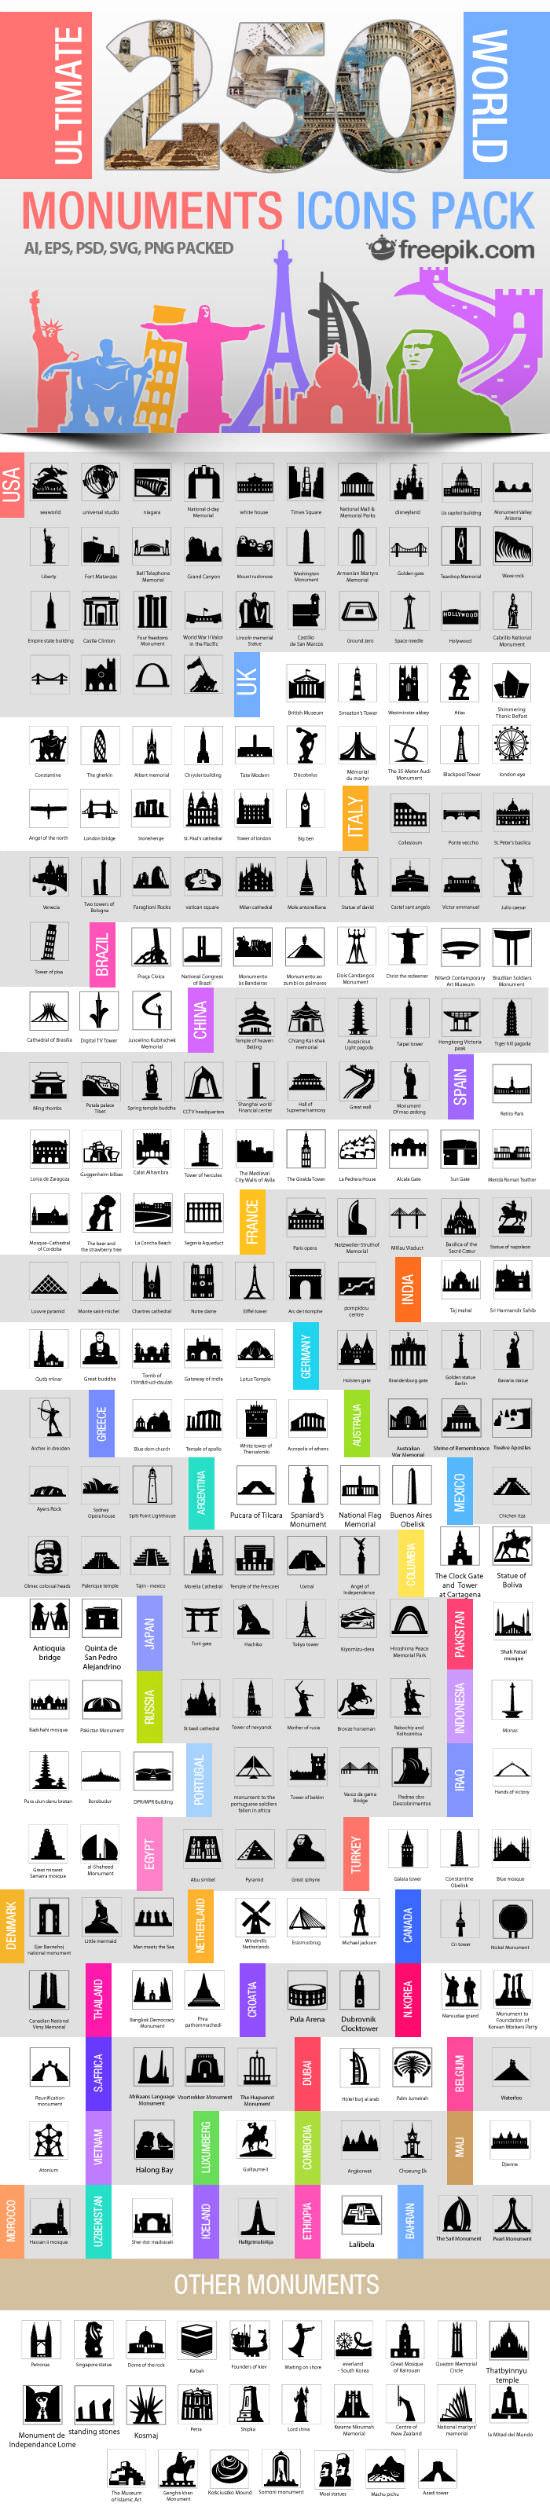 Iconos de monumentos y ciudades